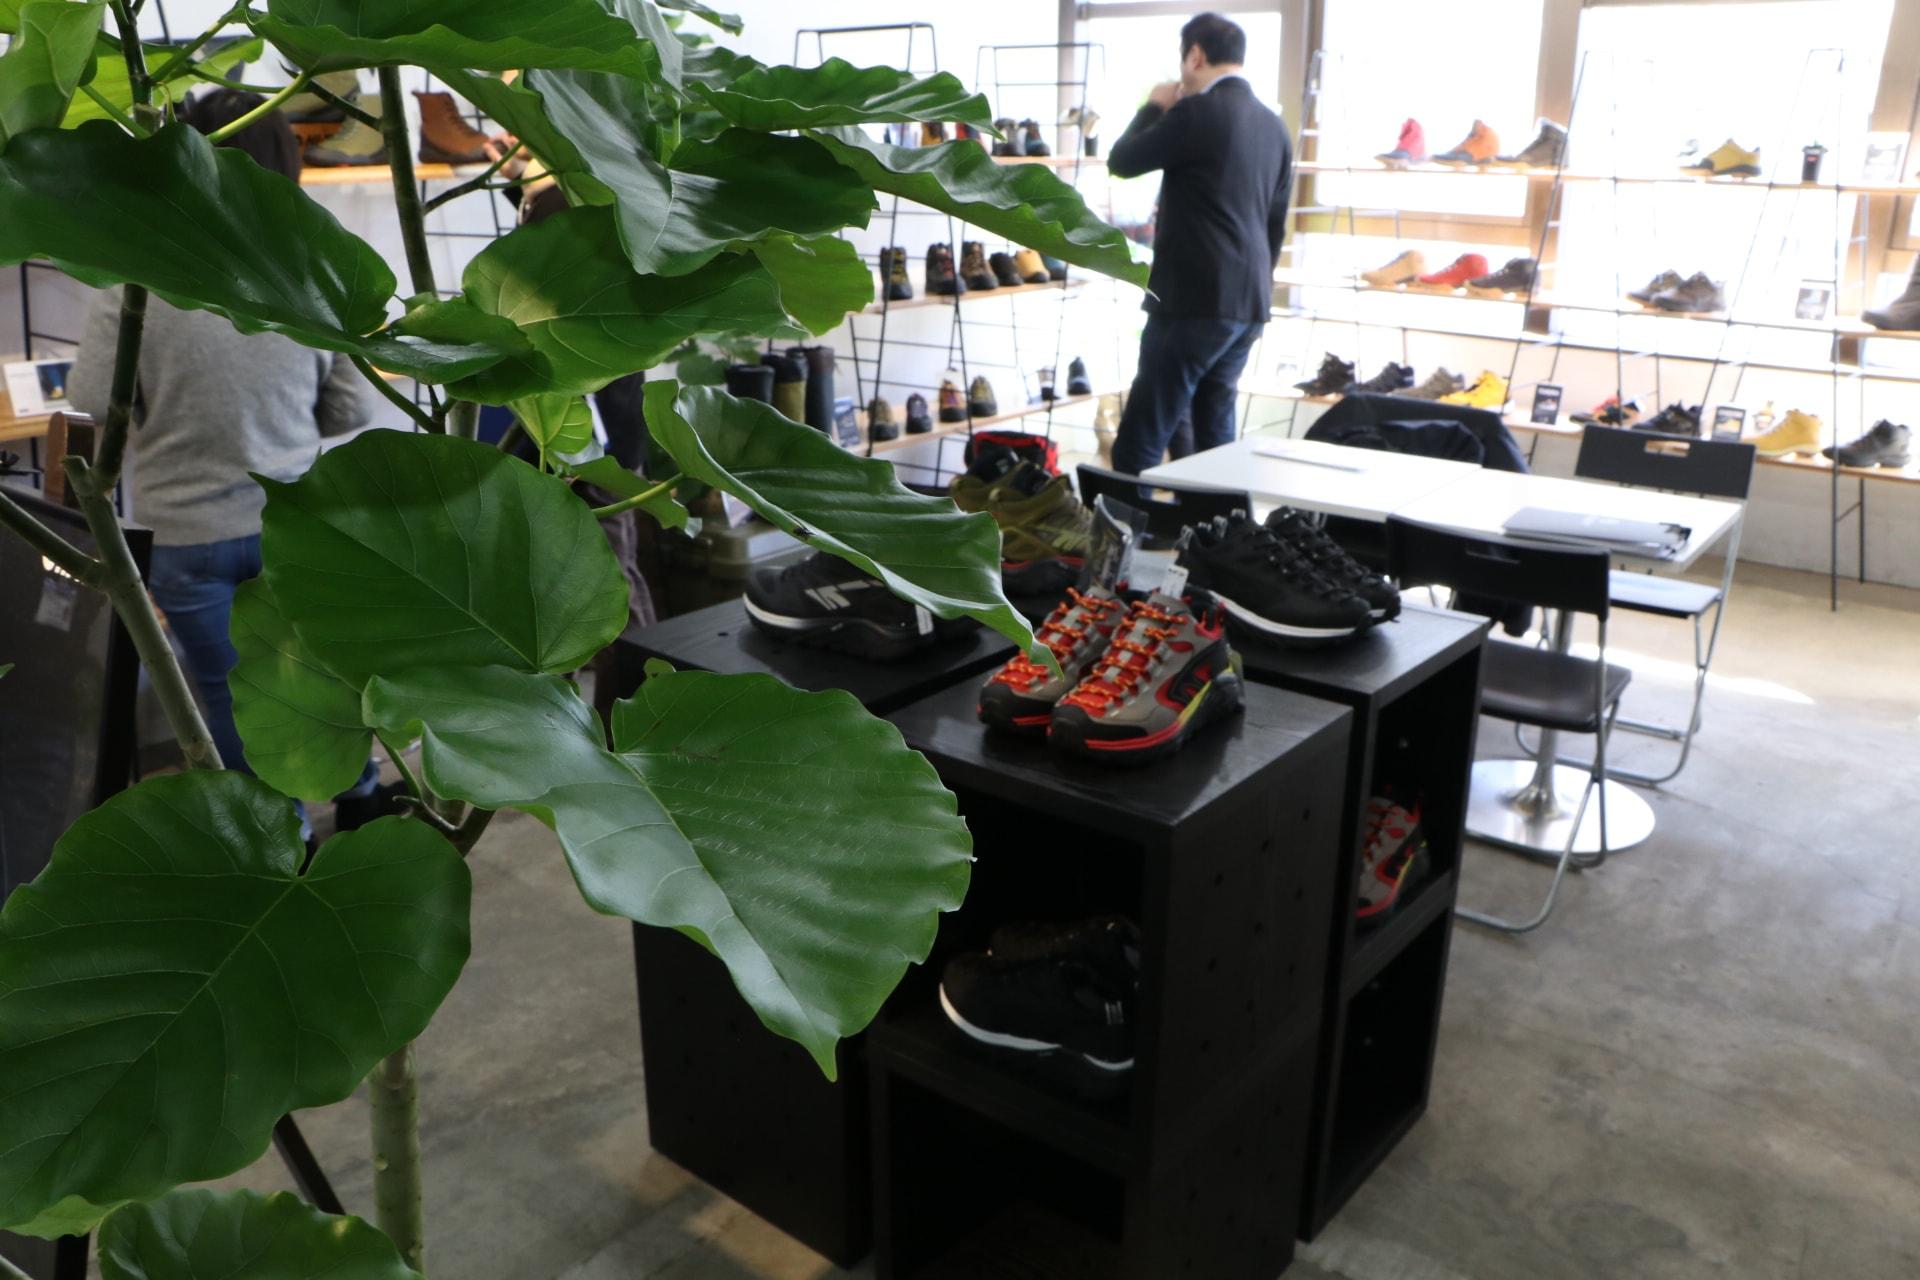 靴の展示会&商談会@神保町 TIME SHARING タイムシェアリング  スペースマネジメント あどばる adval SHARING